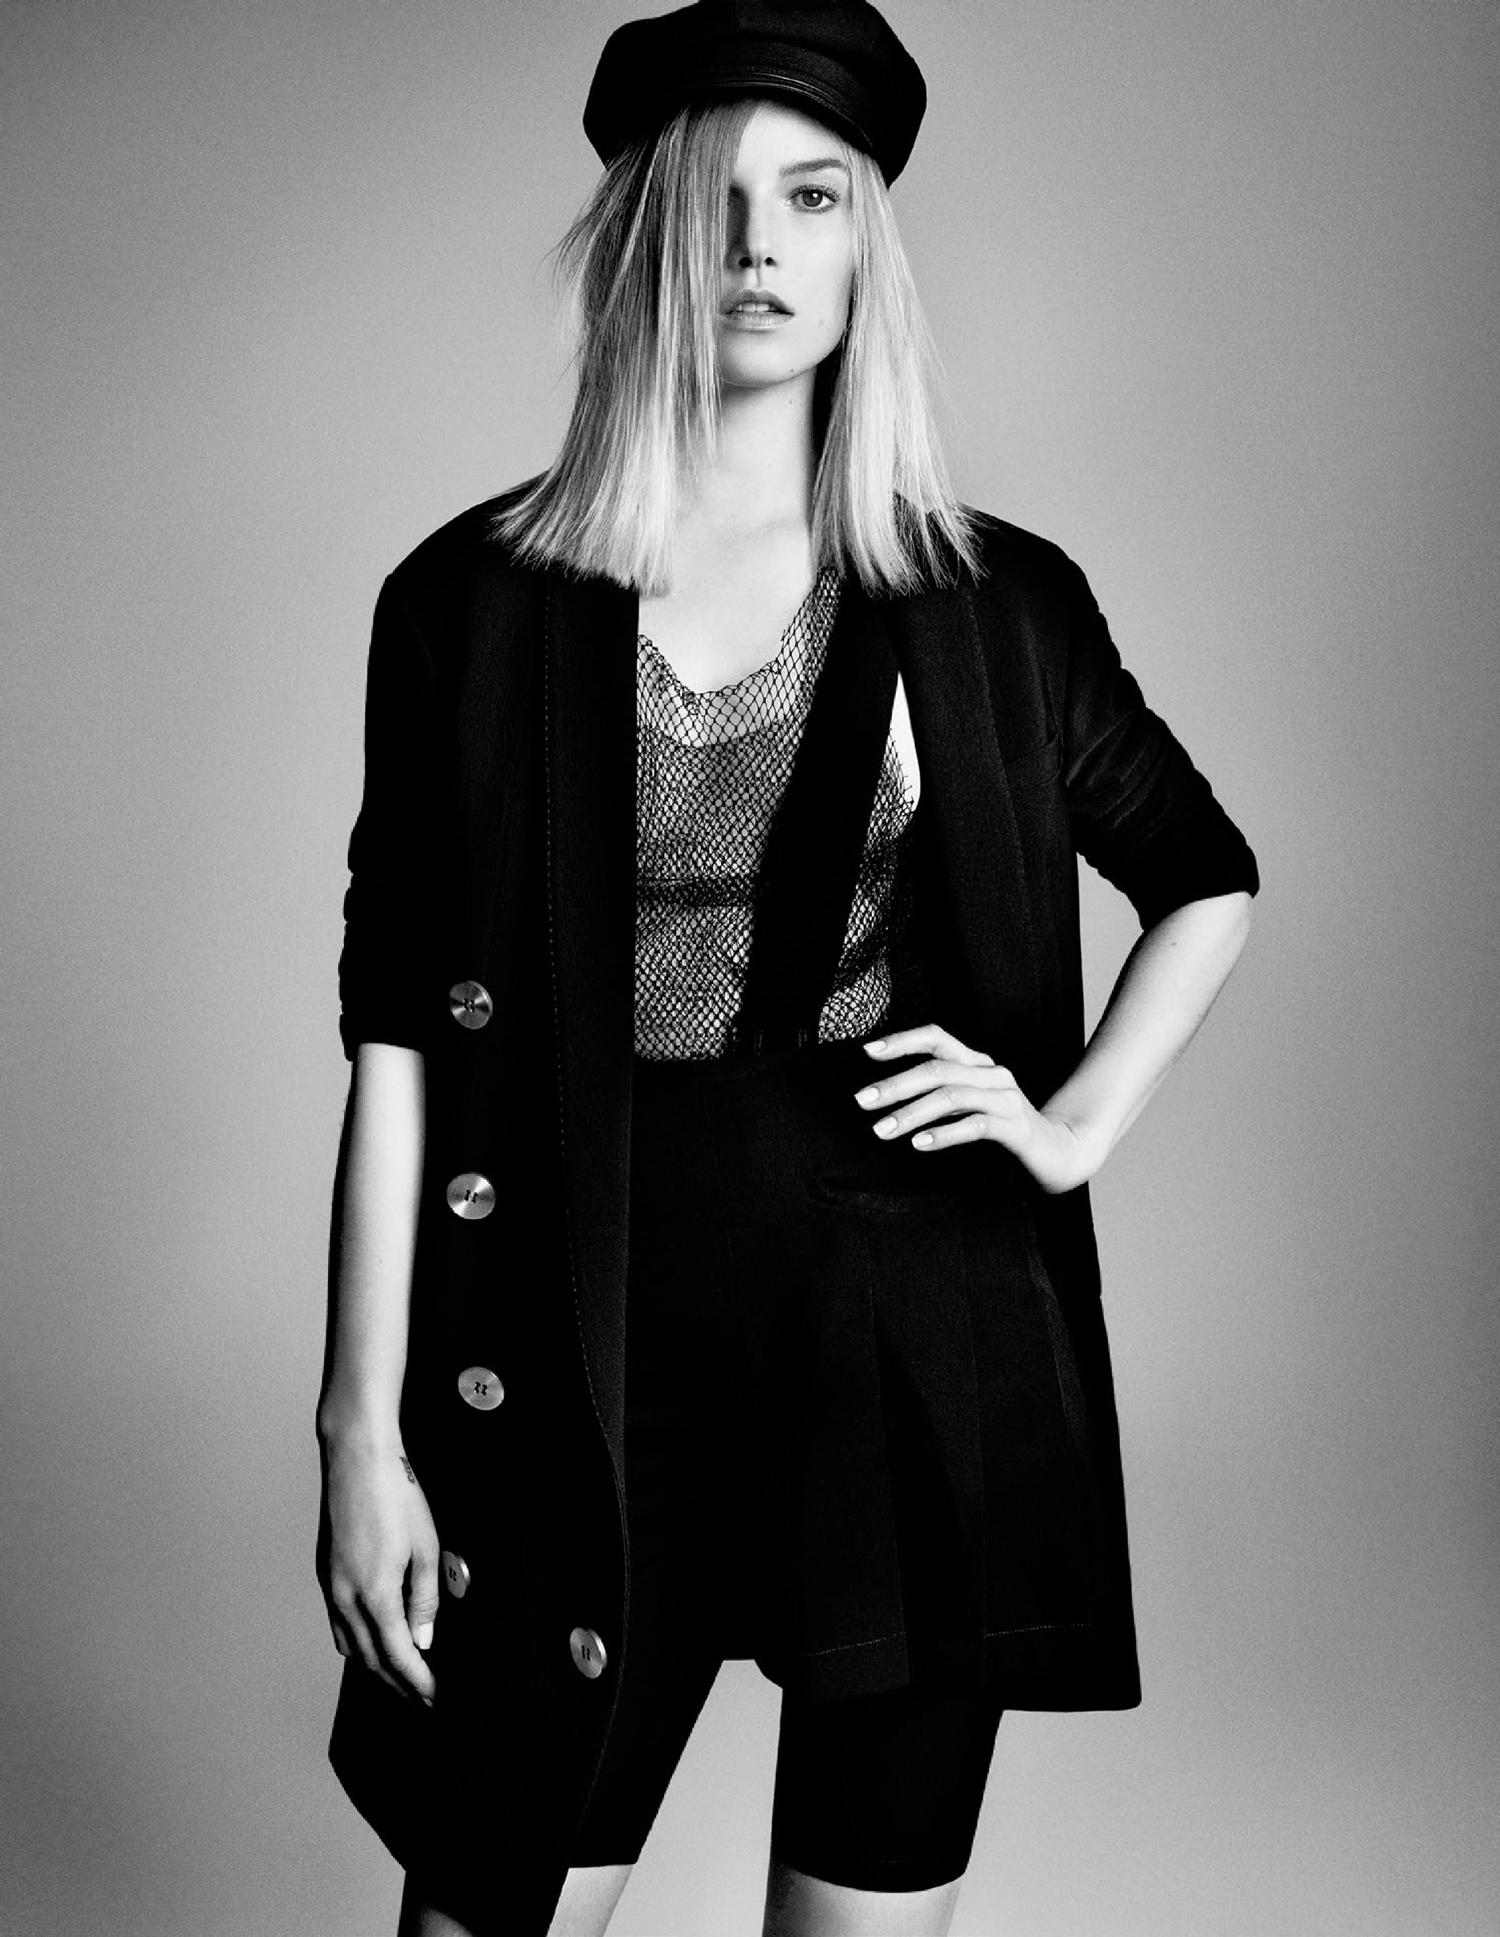 Giovanna-Battaglia-Vogue-Japan-March-2015-Digital-Generation-2.jpg